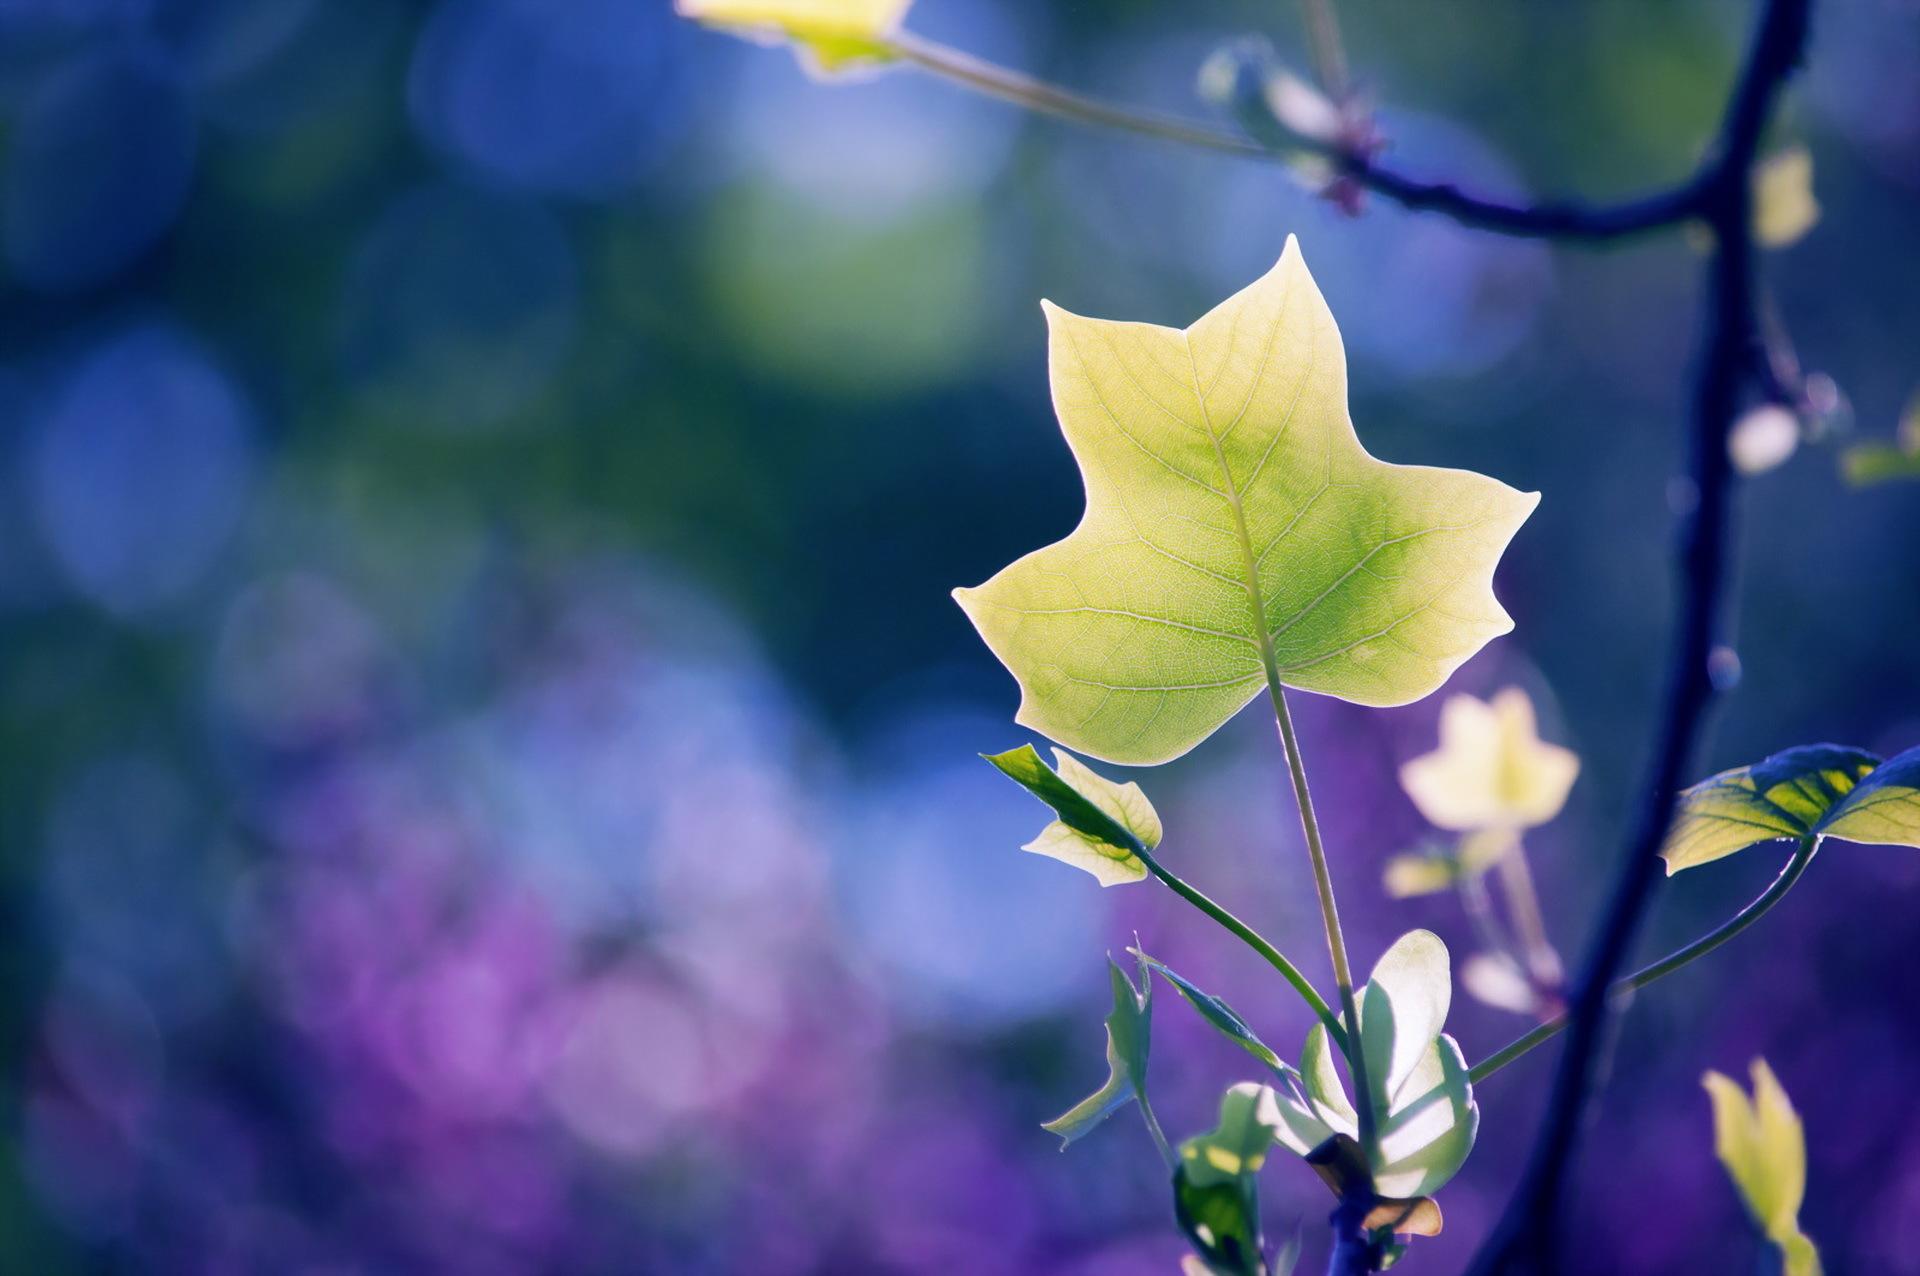 природа ветка листья nature branch leaves  № 2234  скачать